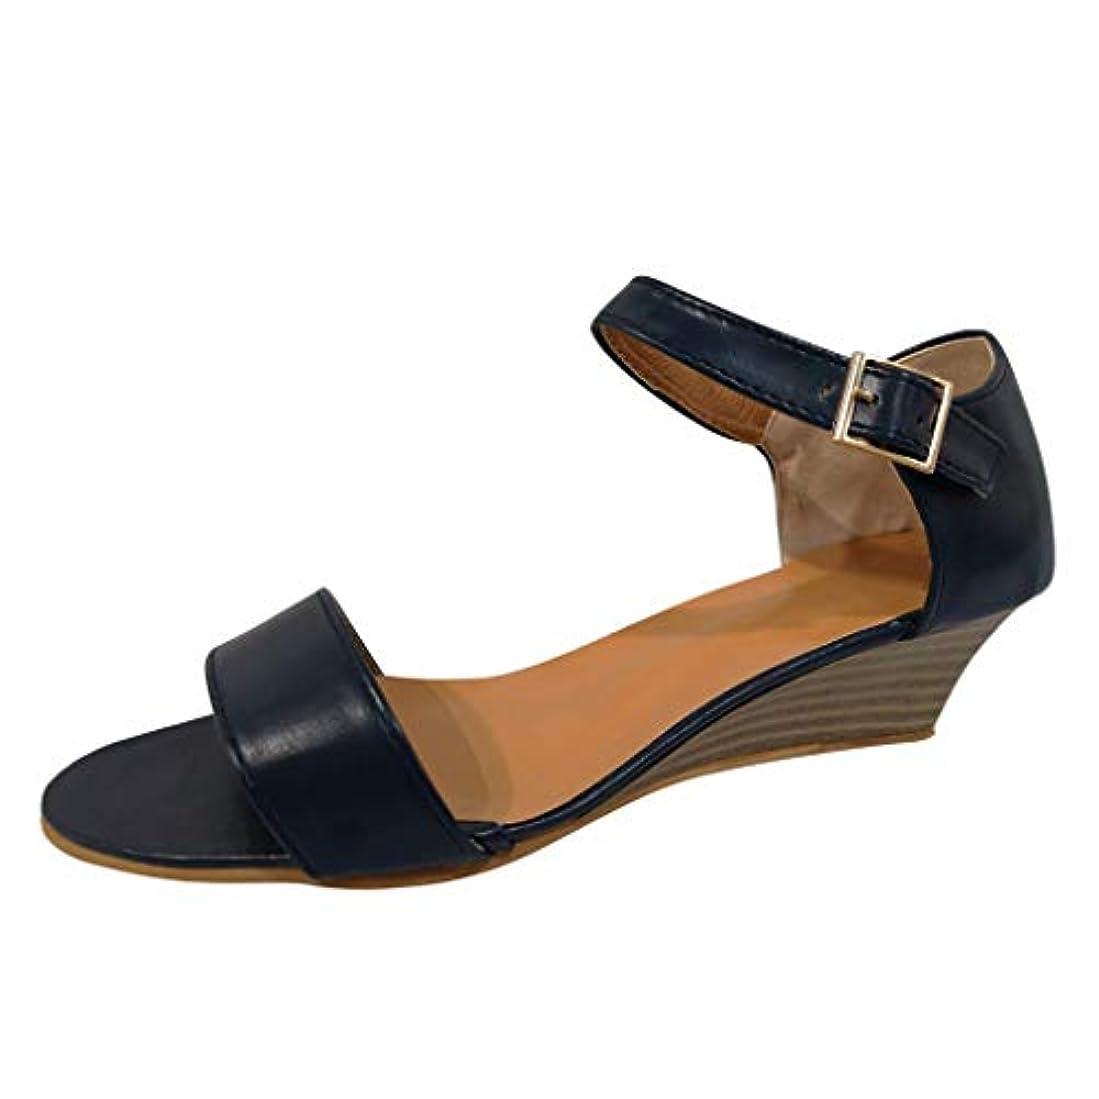 虫を数える机種美脚 ウェッジソール Foreted ミュール サンダル ローヒール 黒 ウエッジ 靴 歩きやすい 疲れないカジュアル コンフォートサンダル ストラップ 痛くない